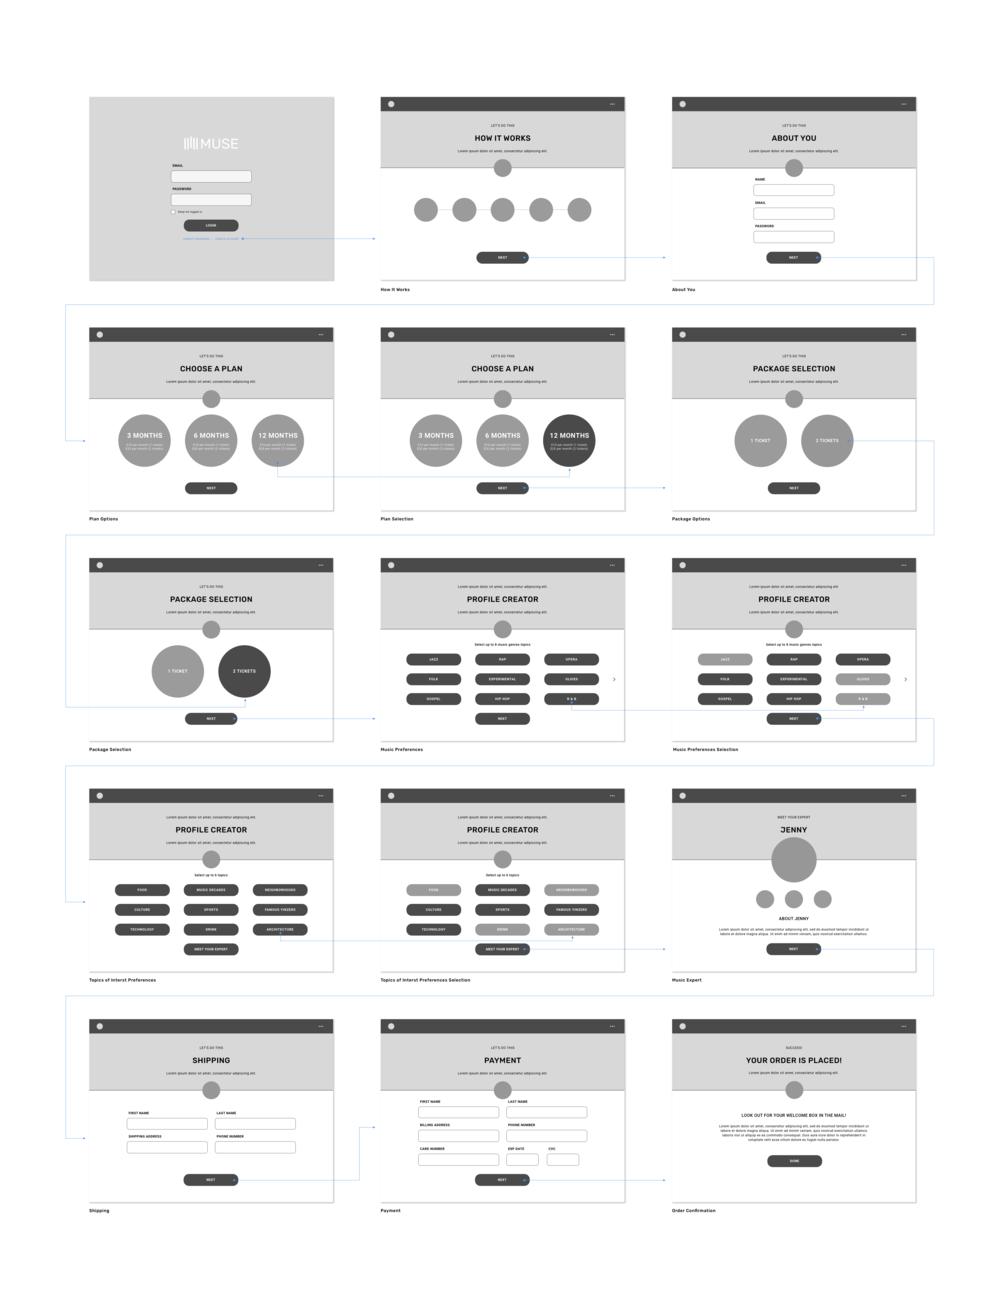 Ipad wireframs userflow.png